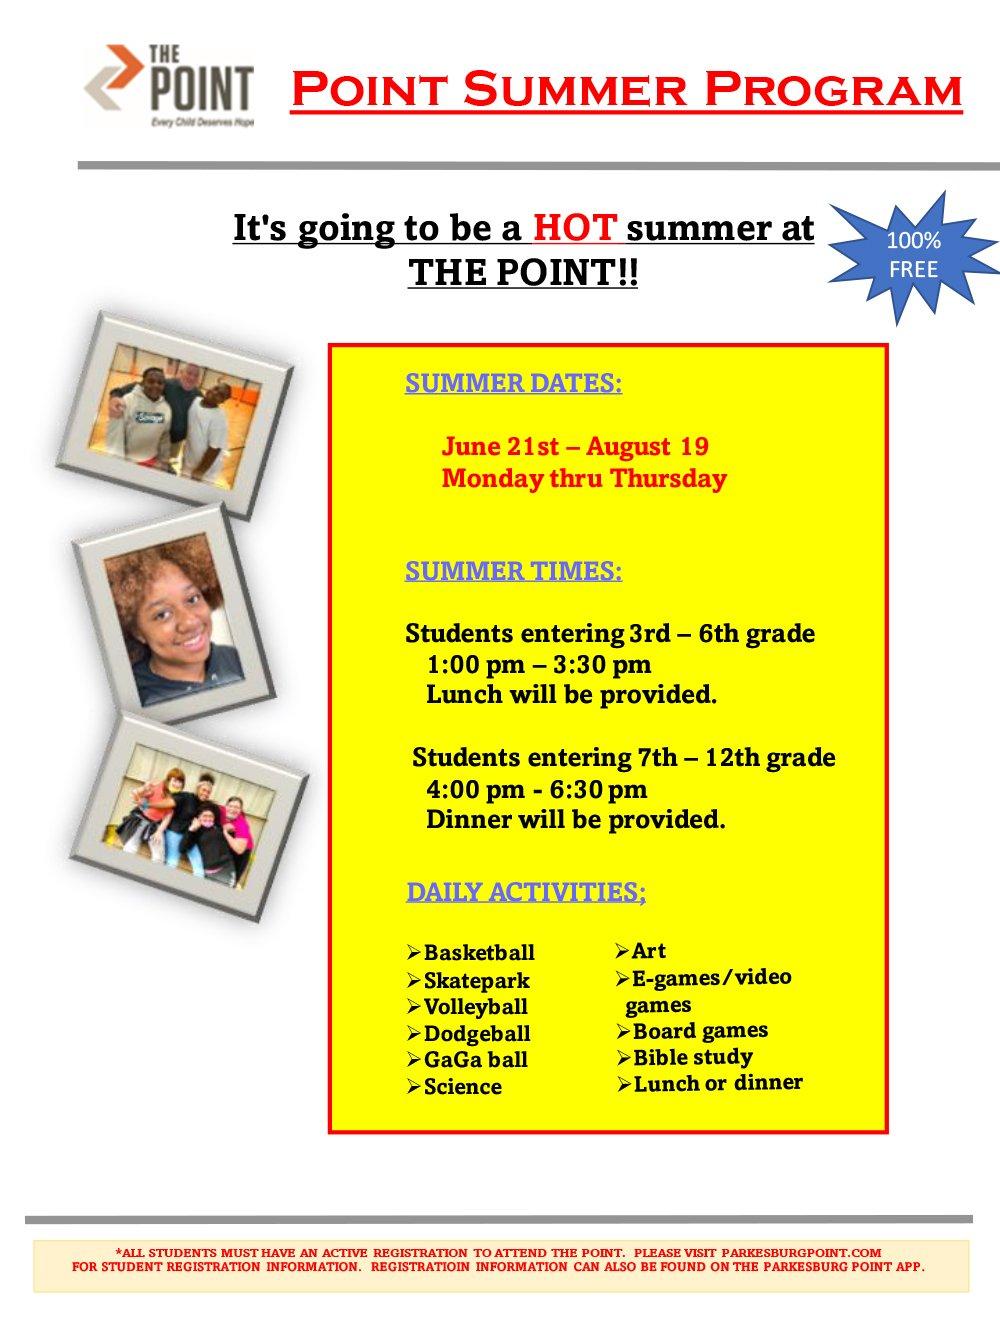 Point Summer Programs (9)